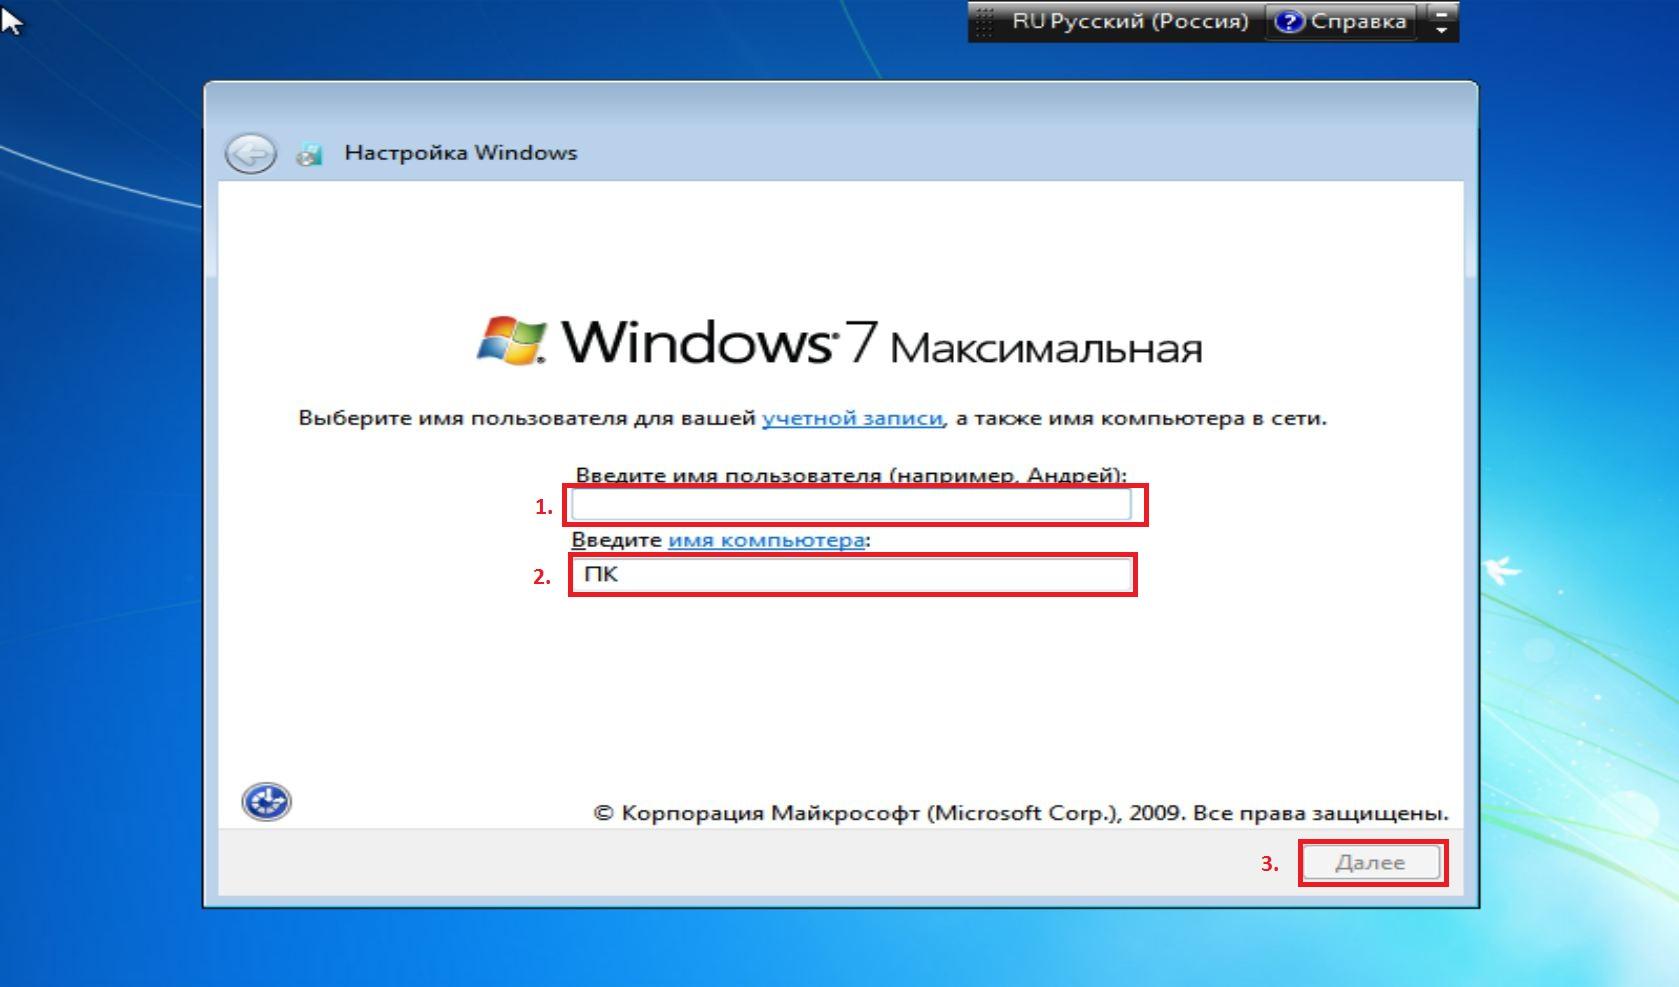 Имя пользователя и имя компьютера Windows 7